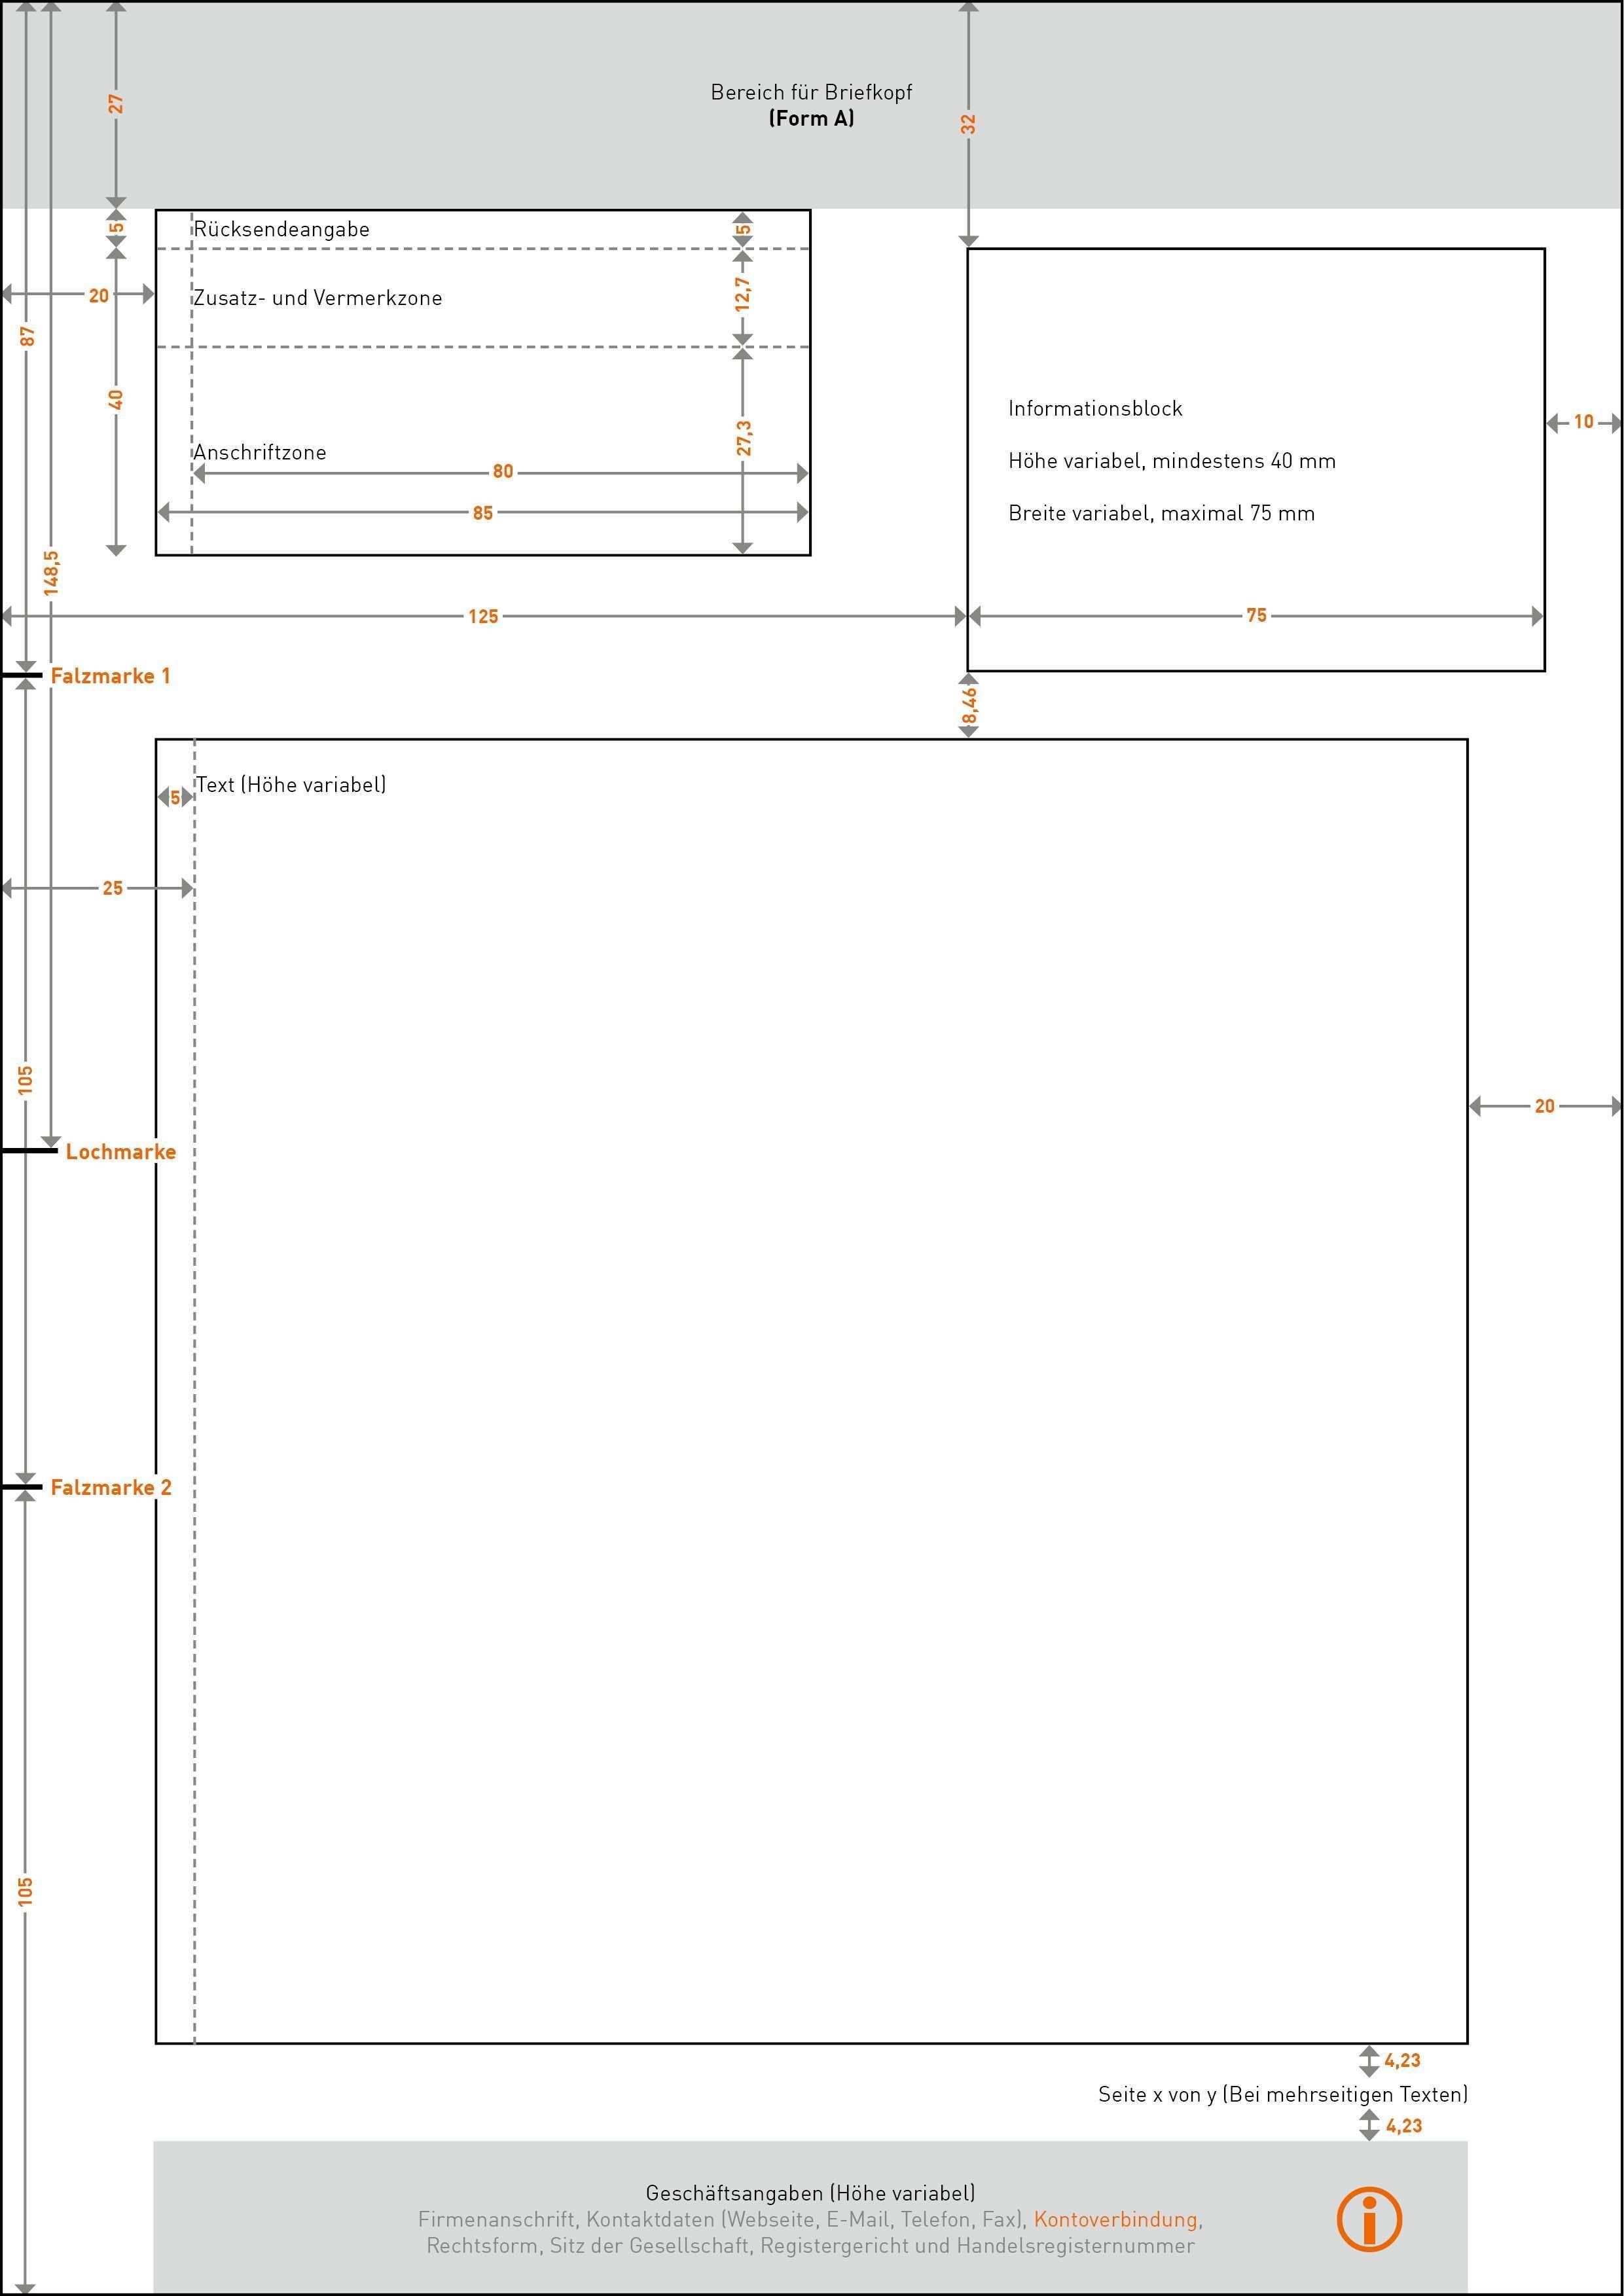 Sepa Kommt Vorlagen Fur Ihr Geschaftspapier Viaprinto Blog Briefbogen Vorlage Briefbogen Briefpapier Vorlage